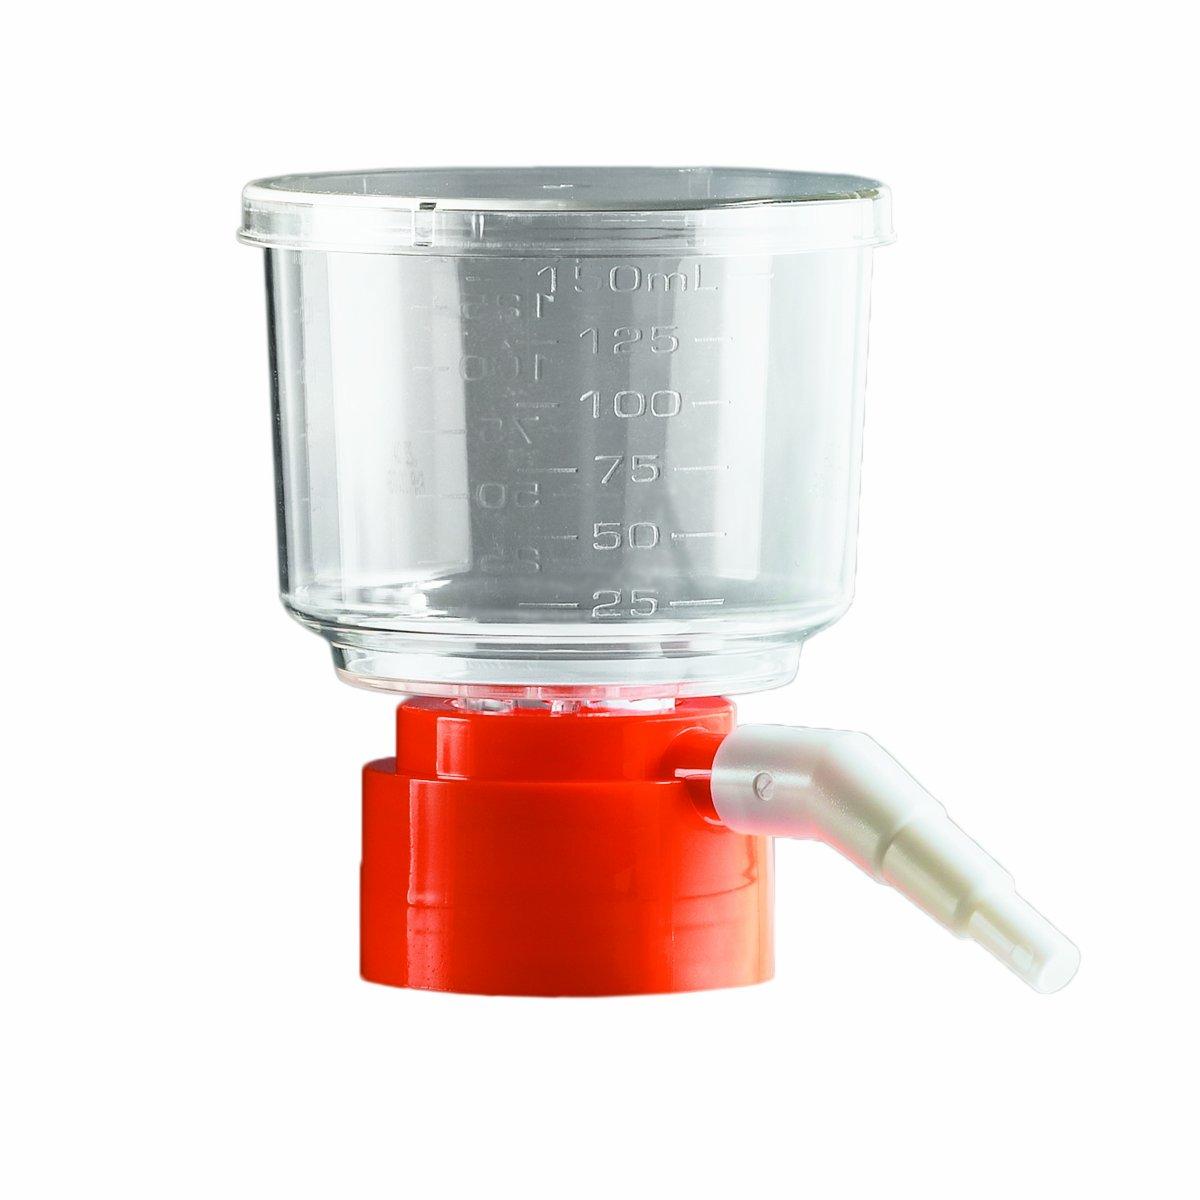 Corning 430049 Polystyrene Bottle Top Vacuum Sterile Filter, Nylon Membrane, 0.2 Micron, 45mm Bottle Neck Diameter, 500mL Capacity (Case of 12)